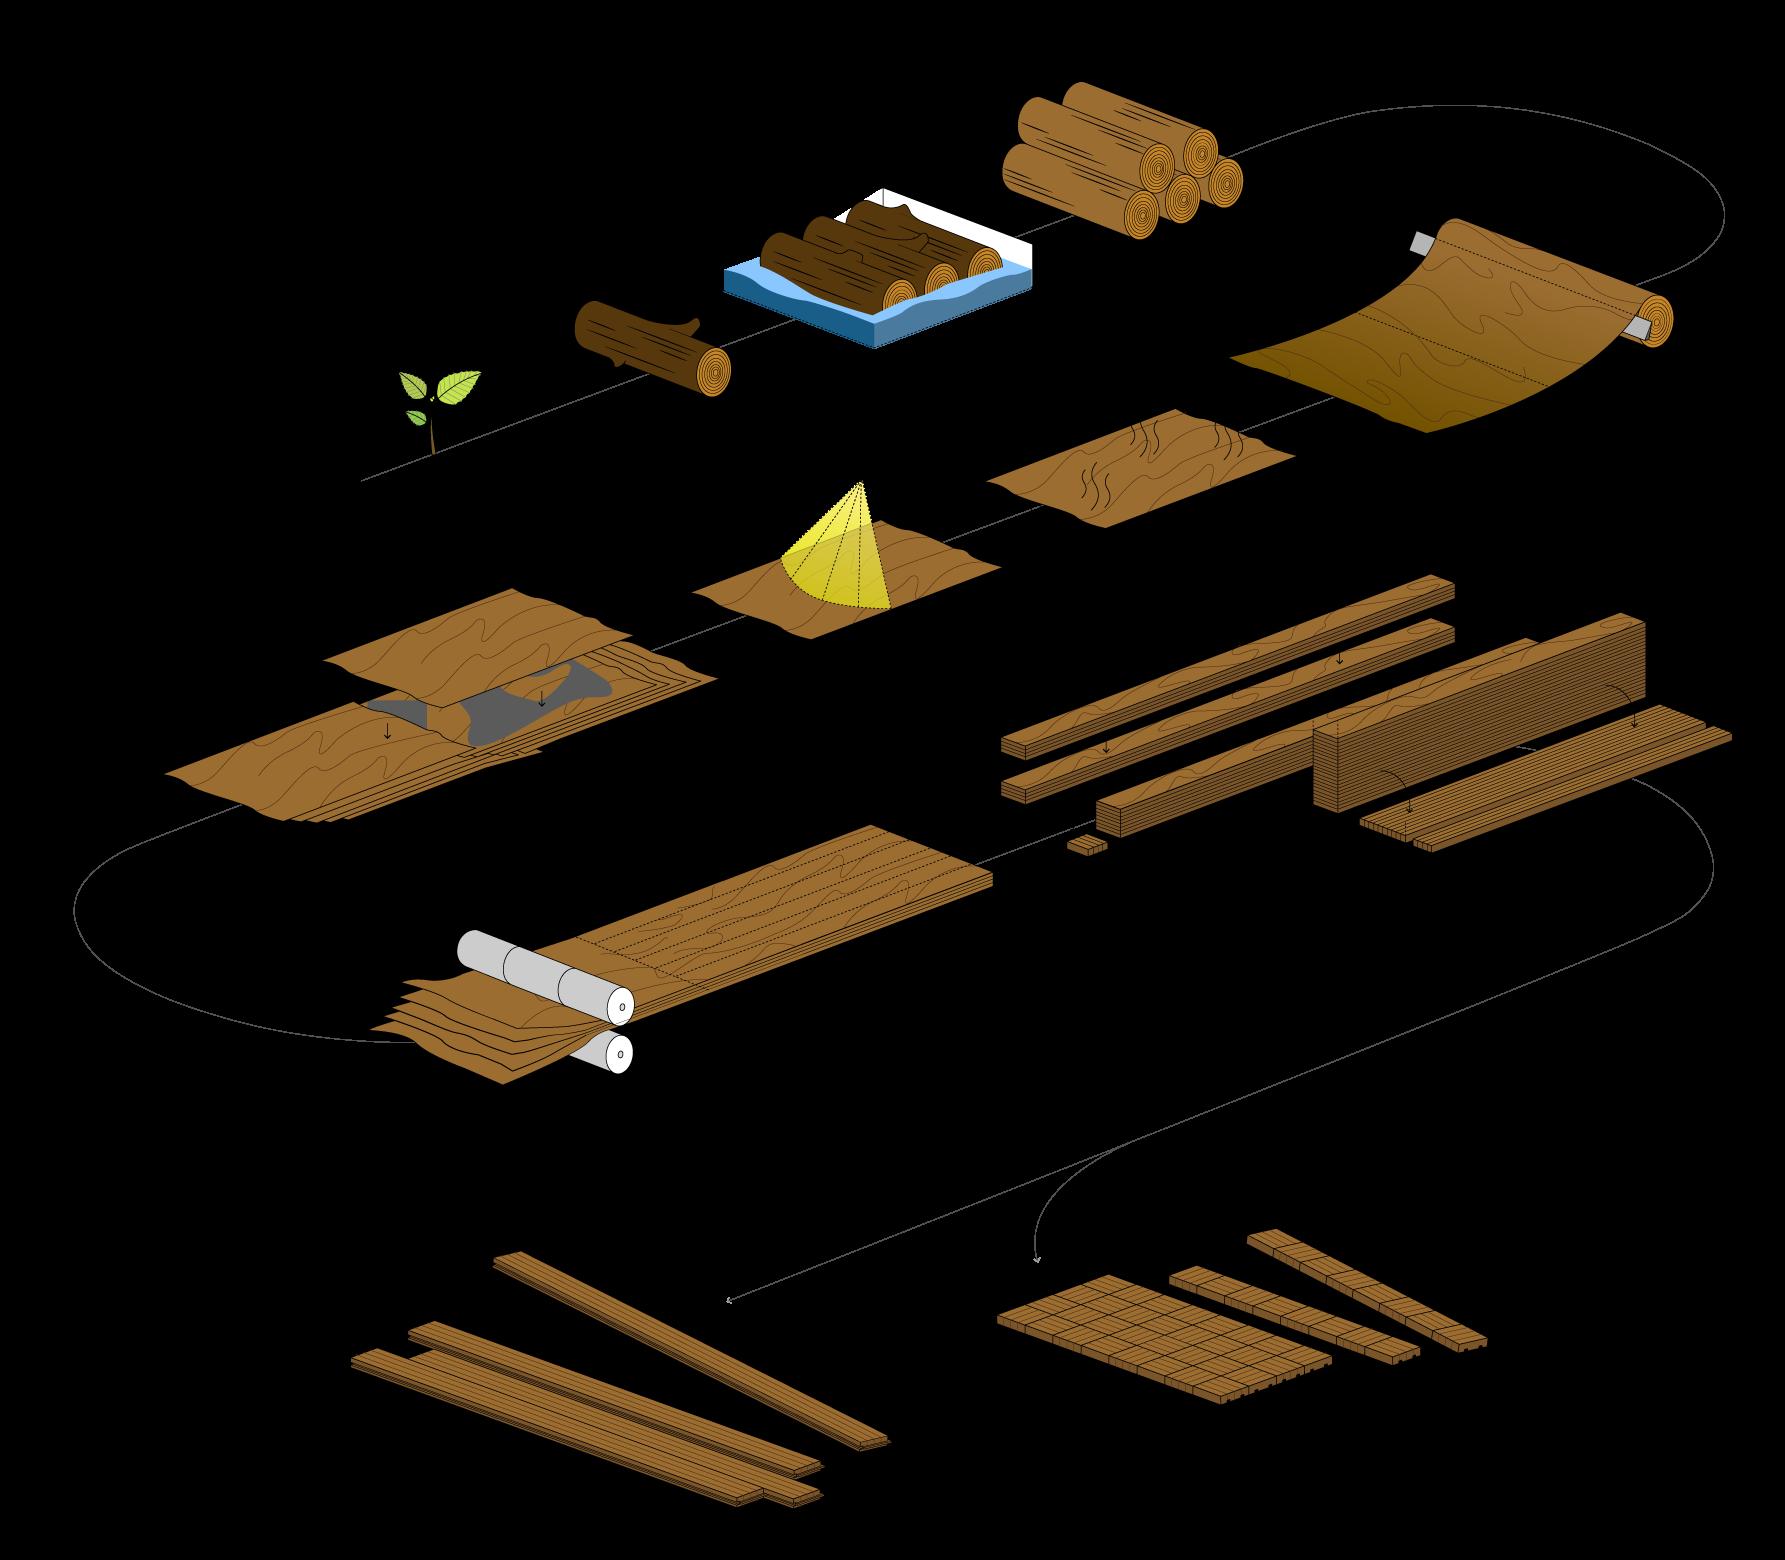 비치 LVL 제작 과정